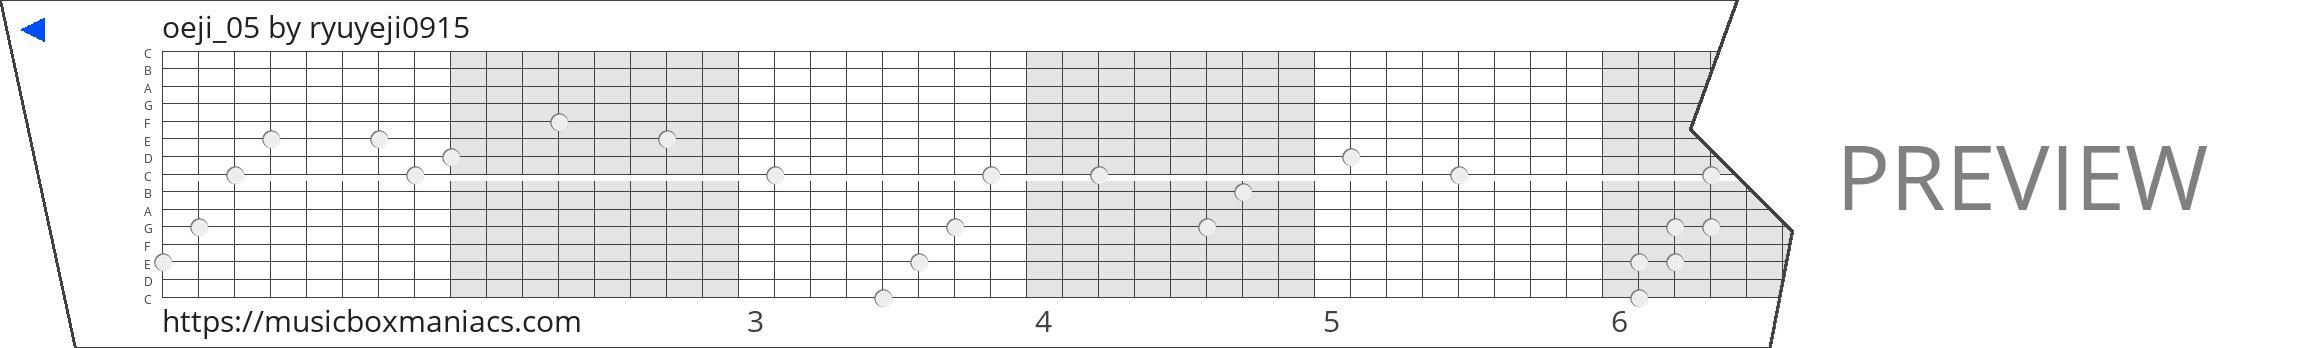 oeji_05 15 note music box paper strip